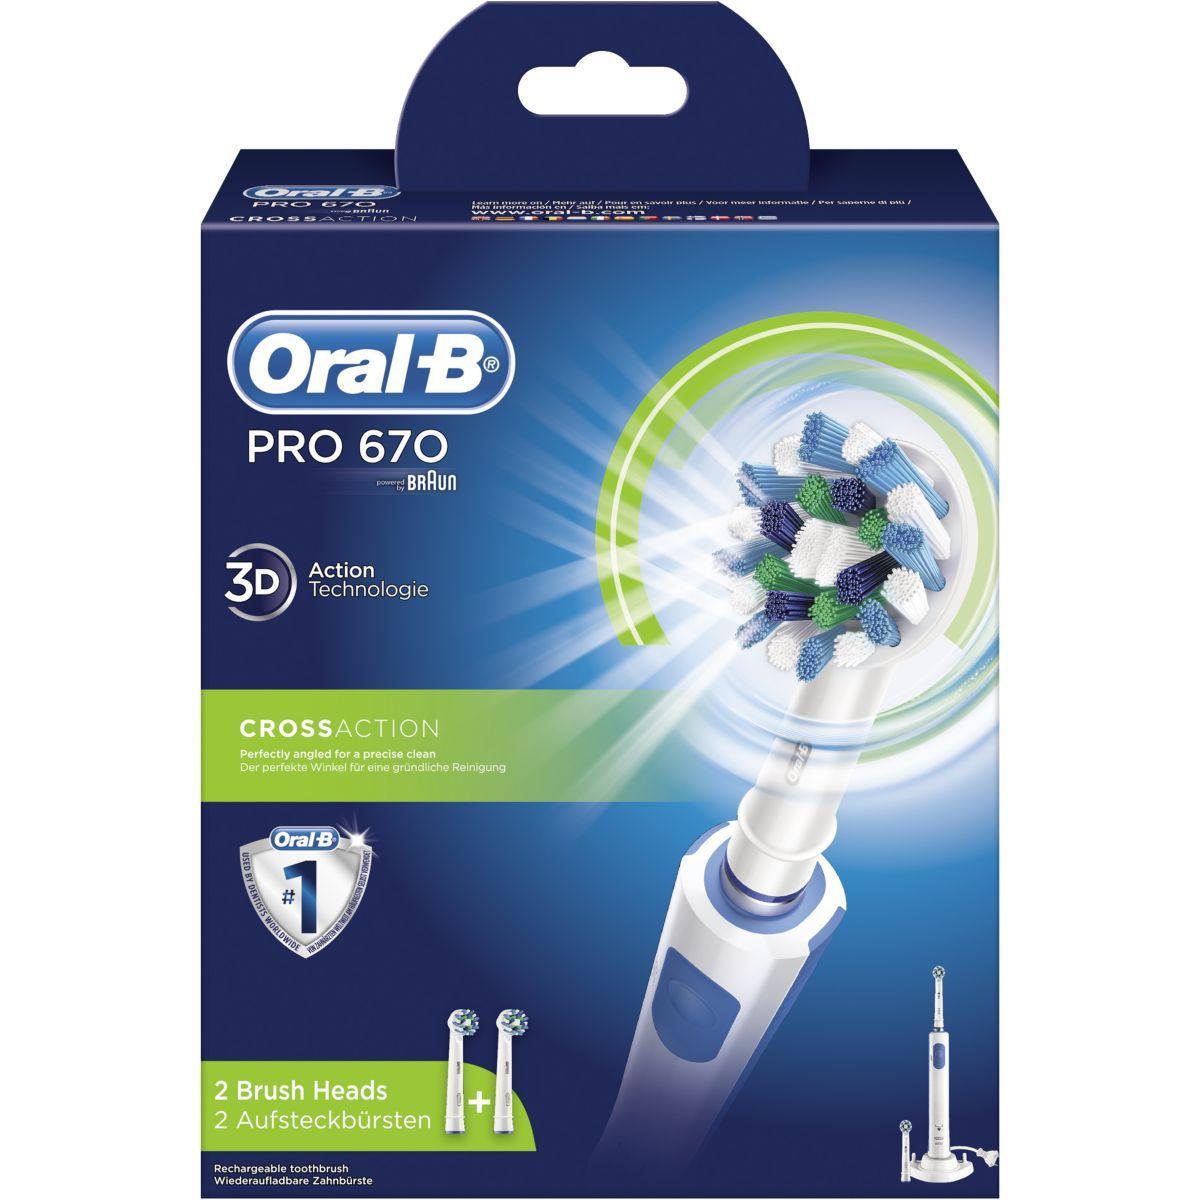 Brosse � dents oral-b pro 670 cross action - livraison offerte : code liv (photo)